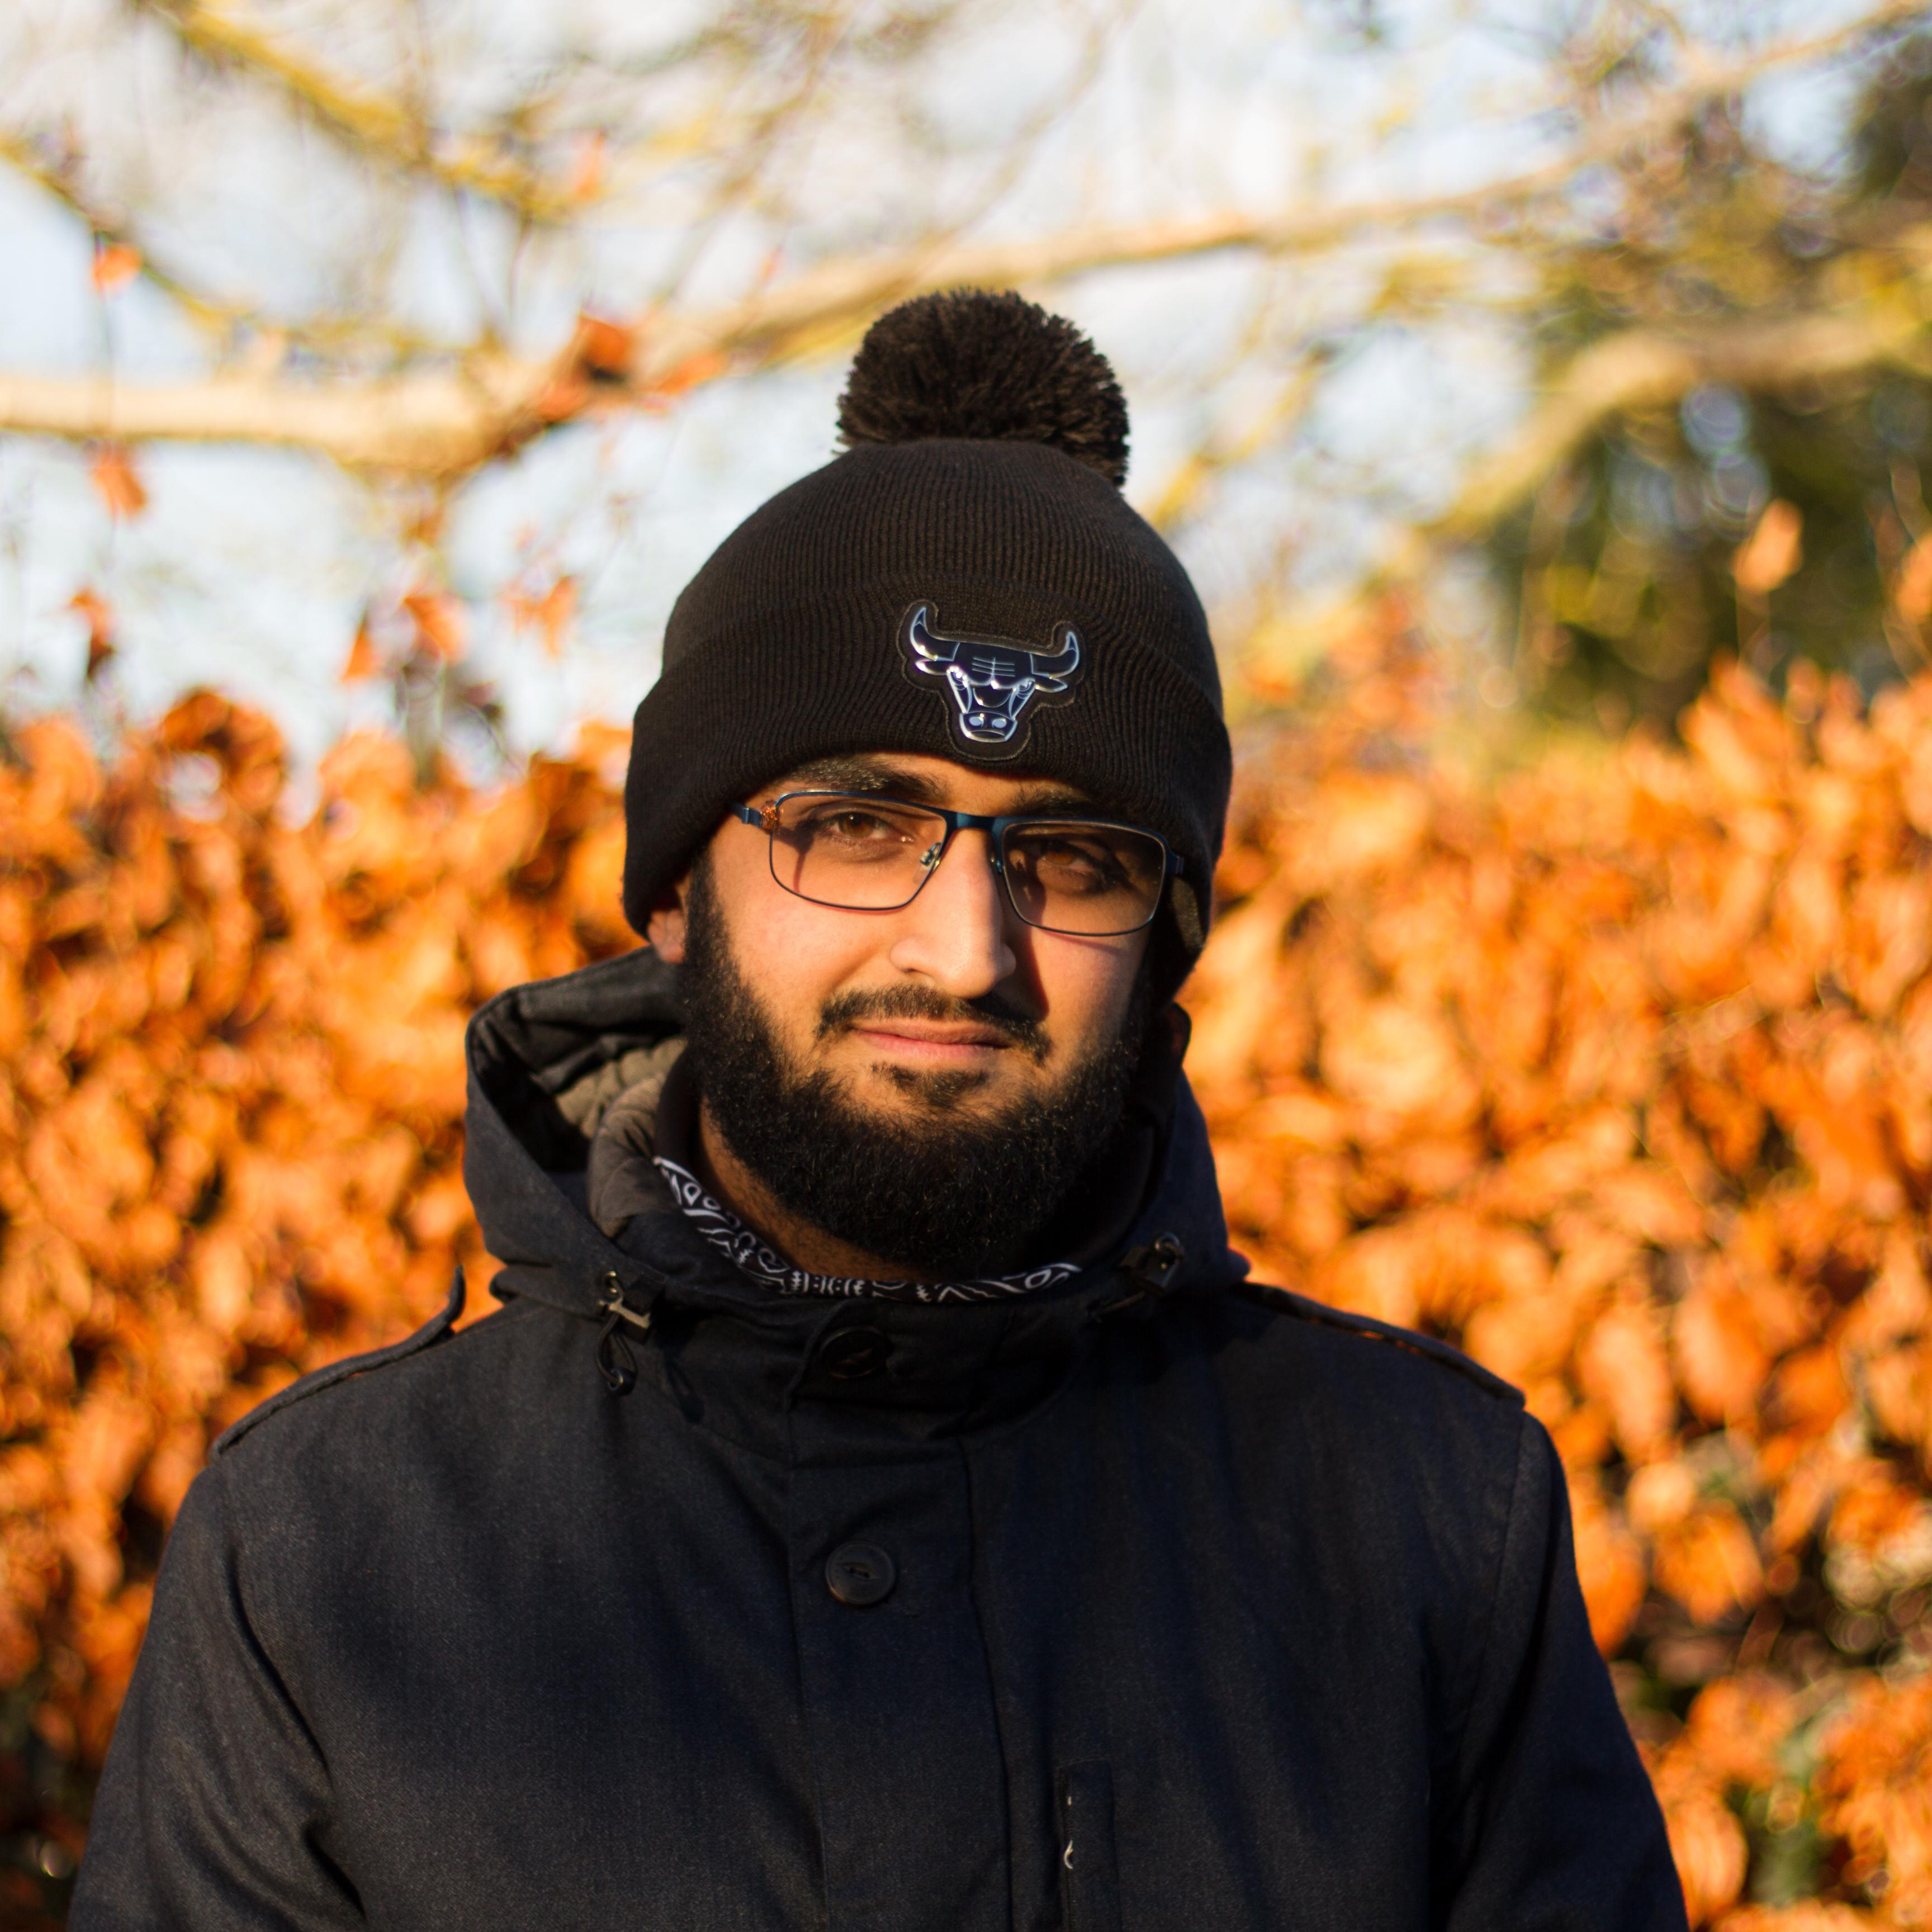 Zayd Choudhary